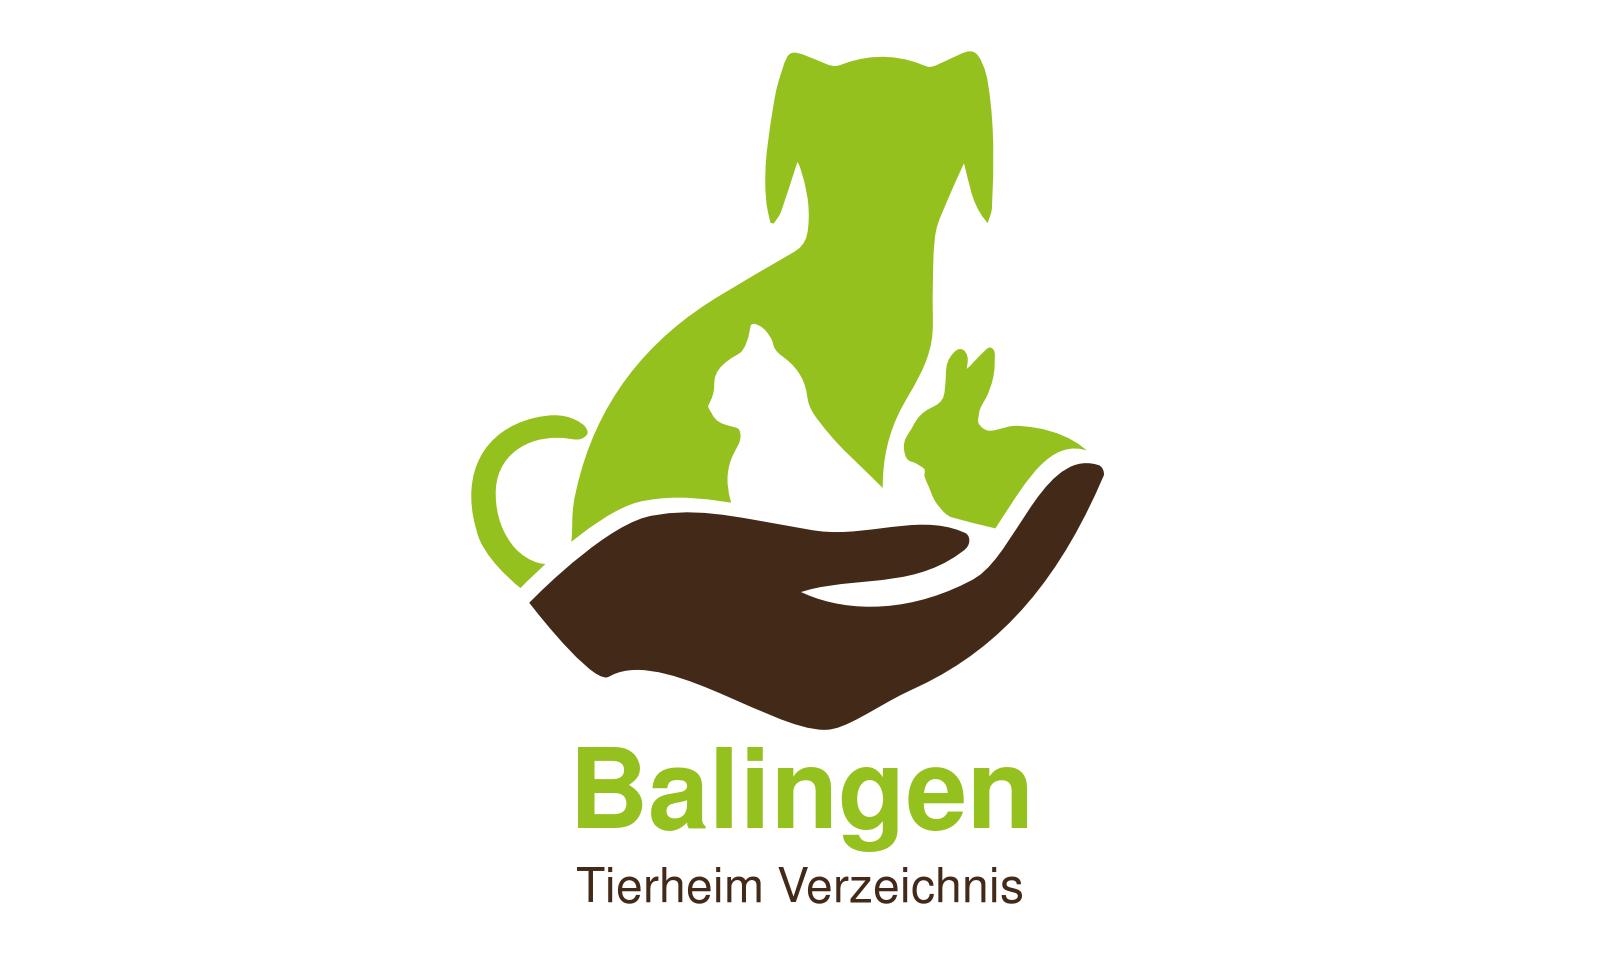 Tierheim Balingen